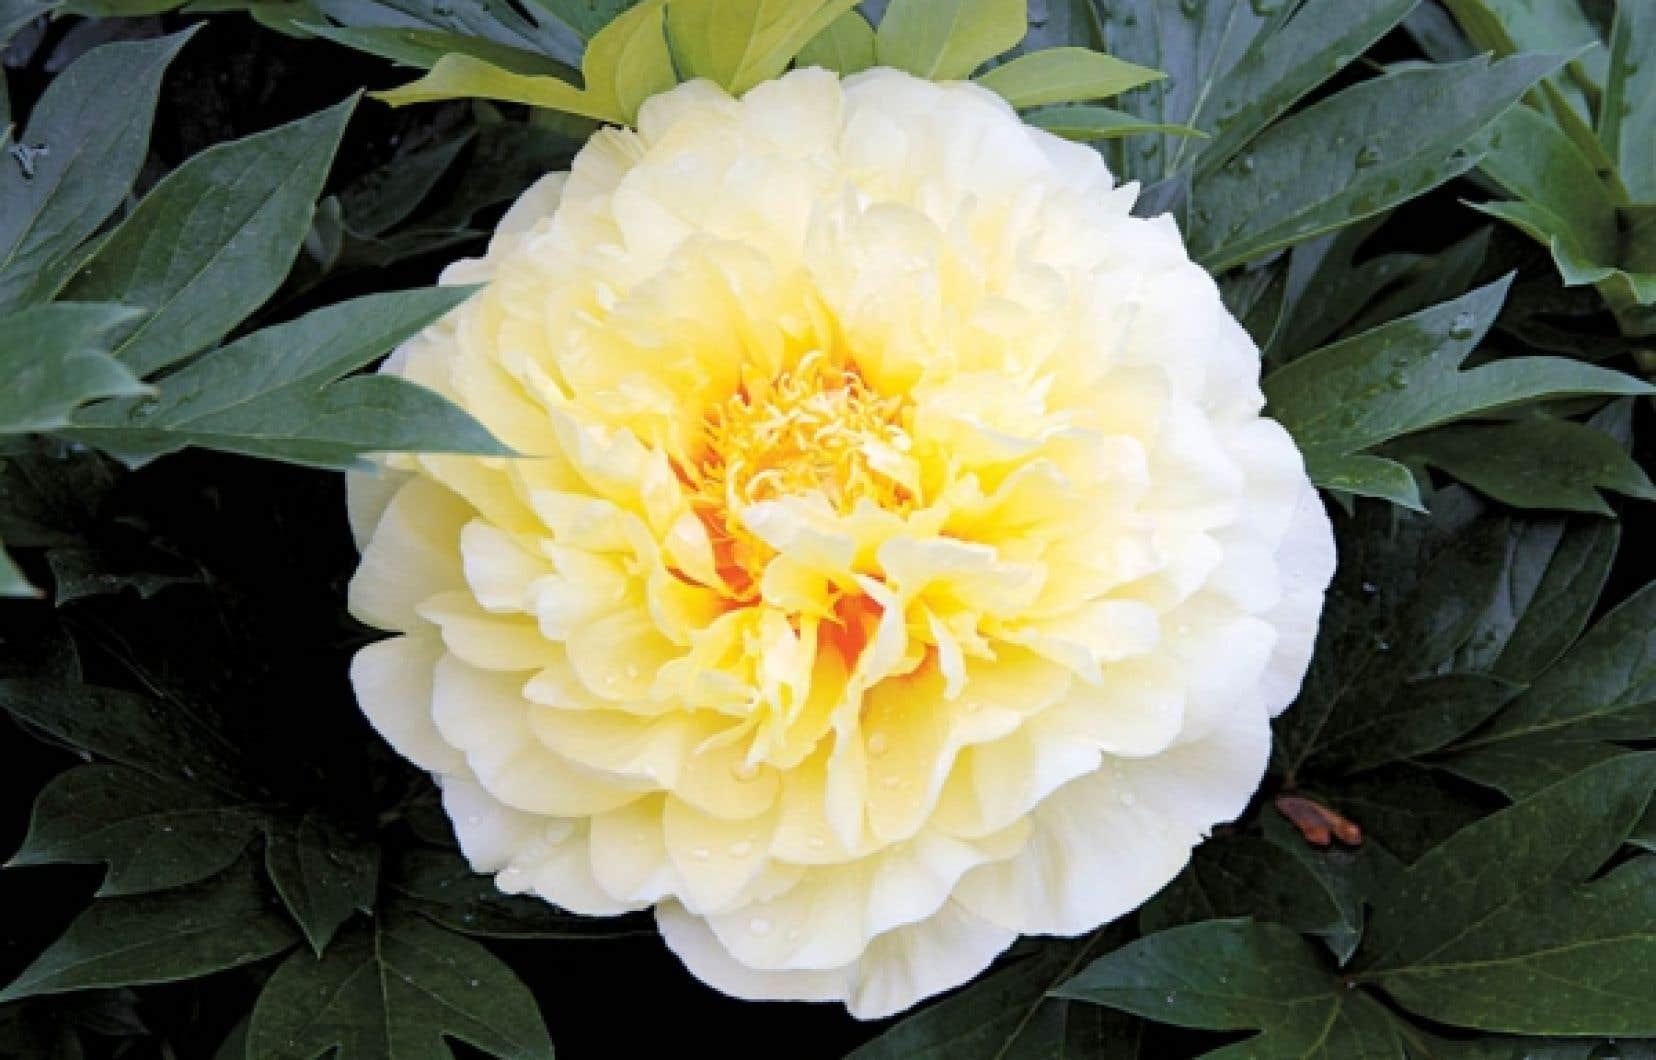 Une pivoine Itoh, l&rsquo;excellent cultivar Bartzella &agrave; fleur double jaune brillant. <br />